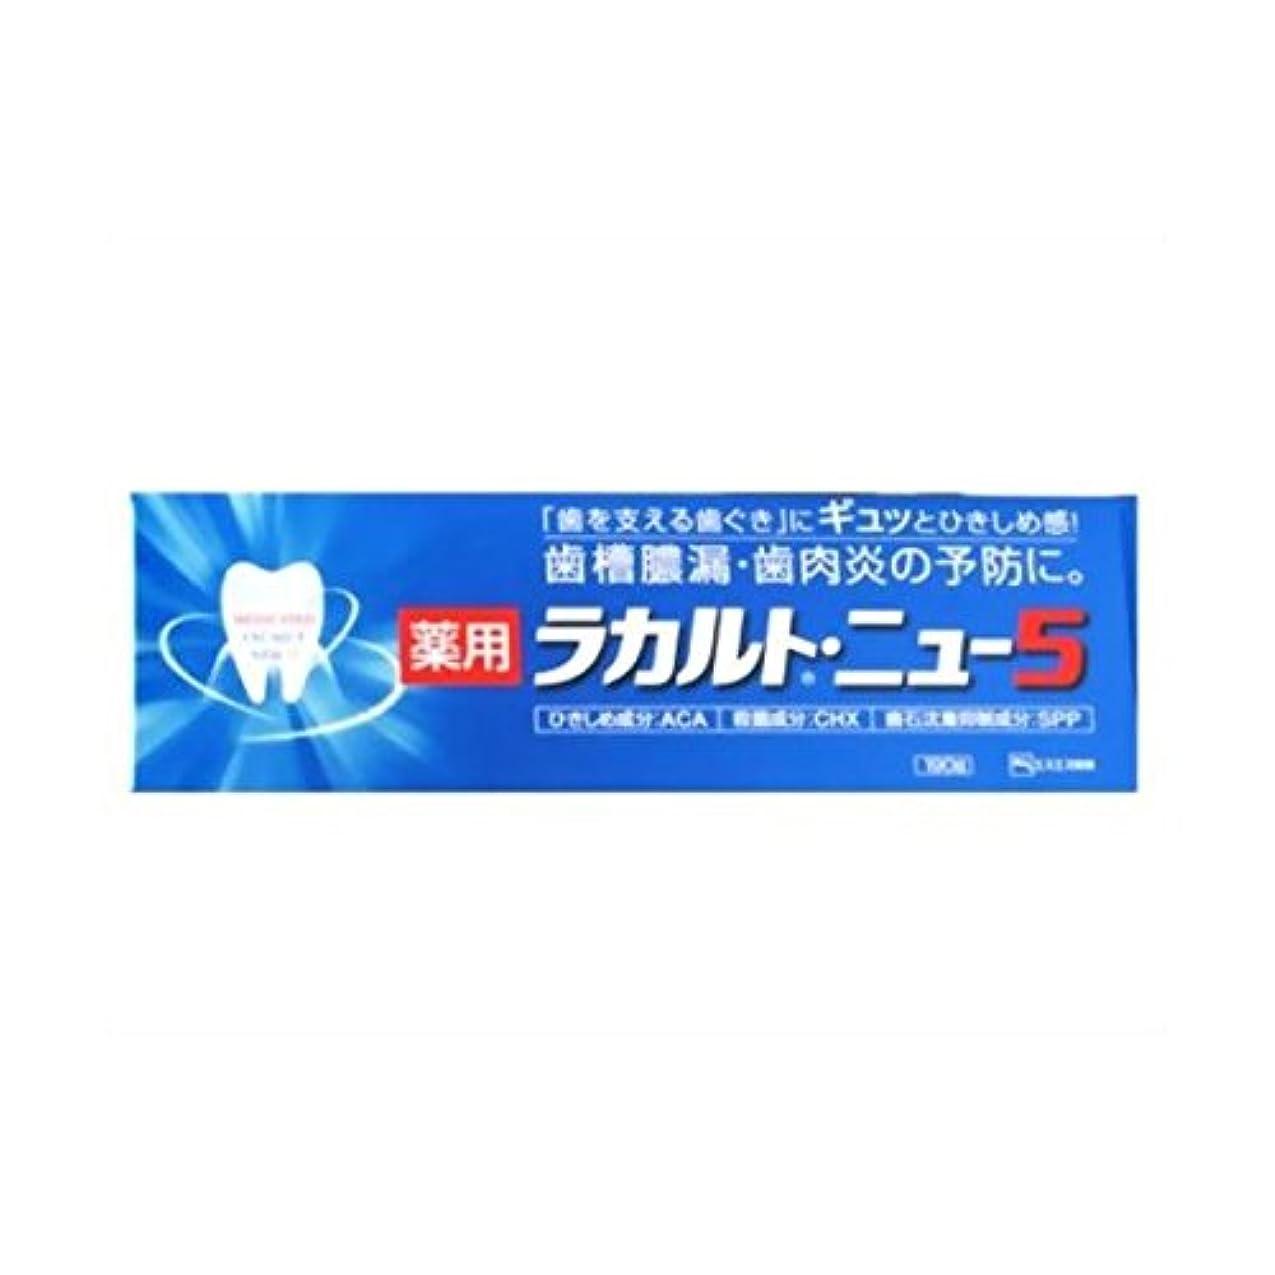 フィットメイトホーン【お徳用 3 セット】 薬用ラカルトニュー5 190g×3セット